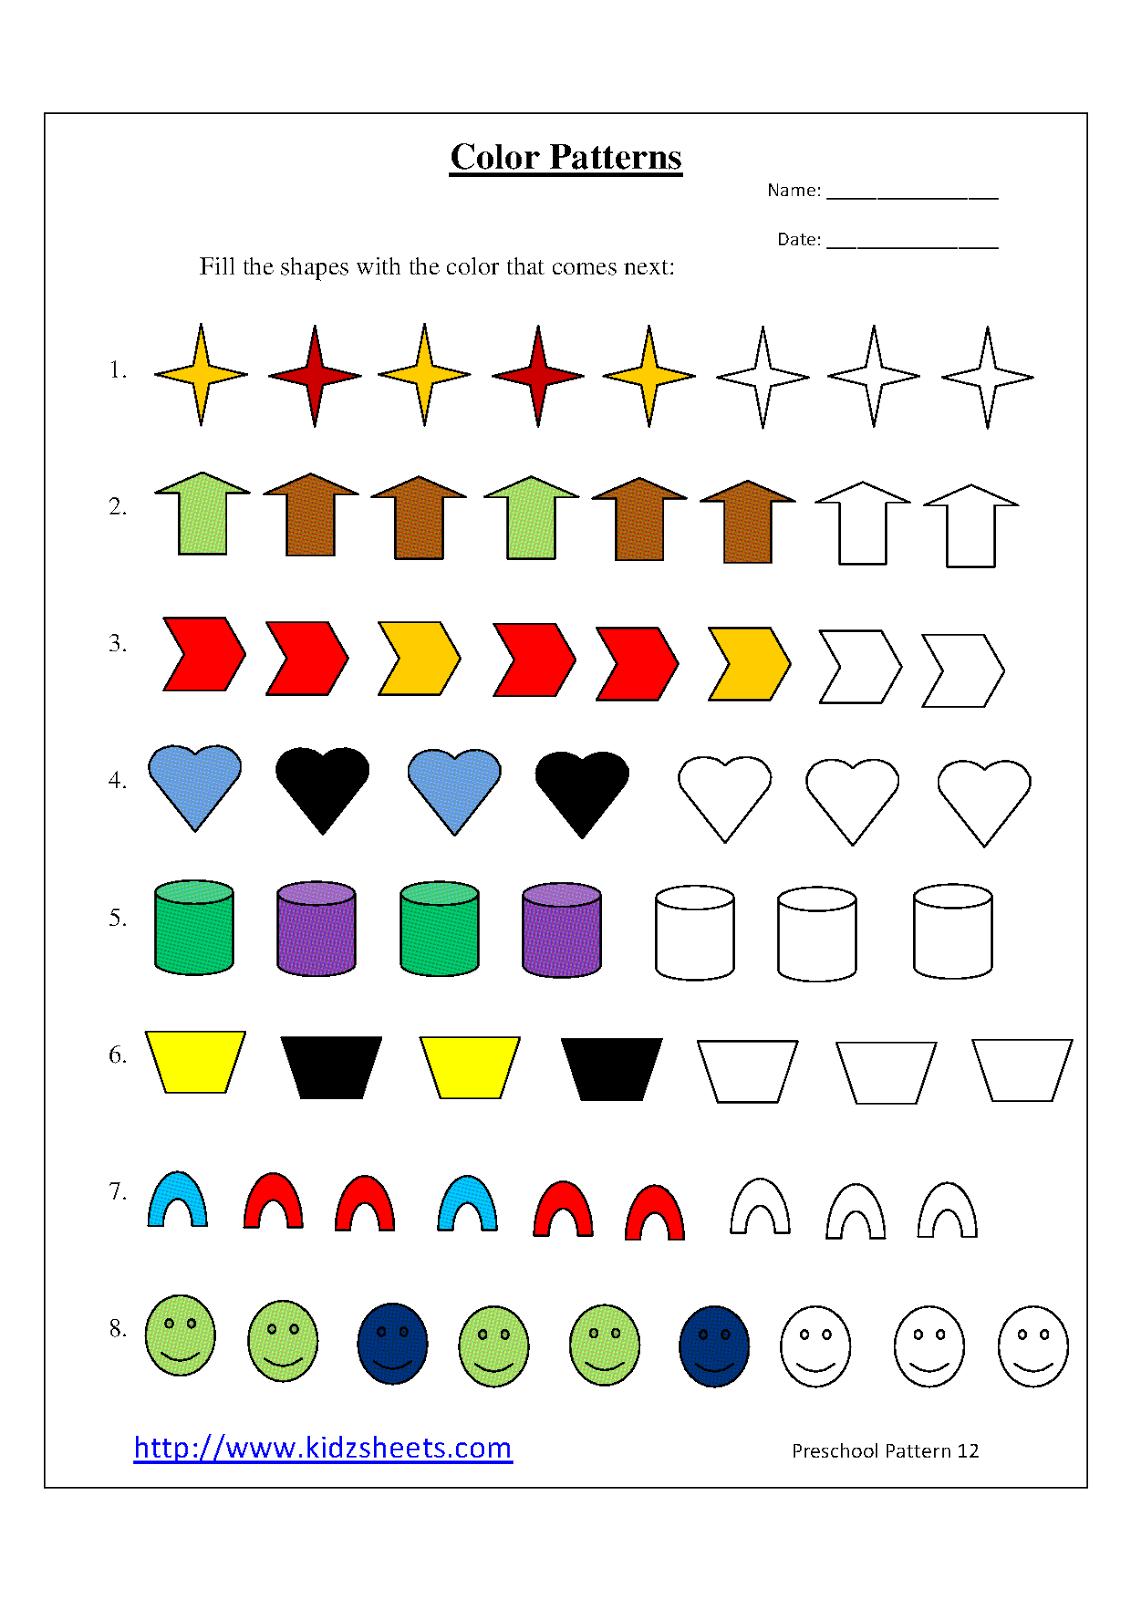 Printables Printable Pattern Worksheets kidz worksheets preschool color patterns worksheet12 patterns